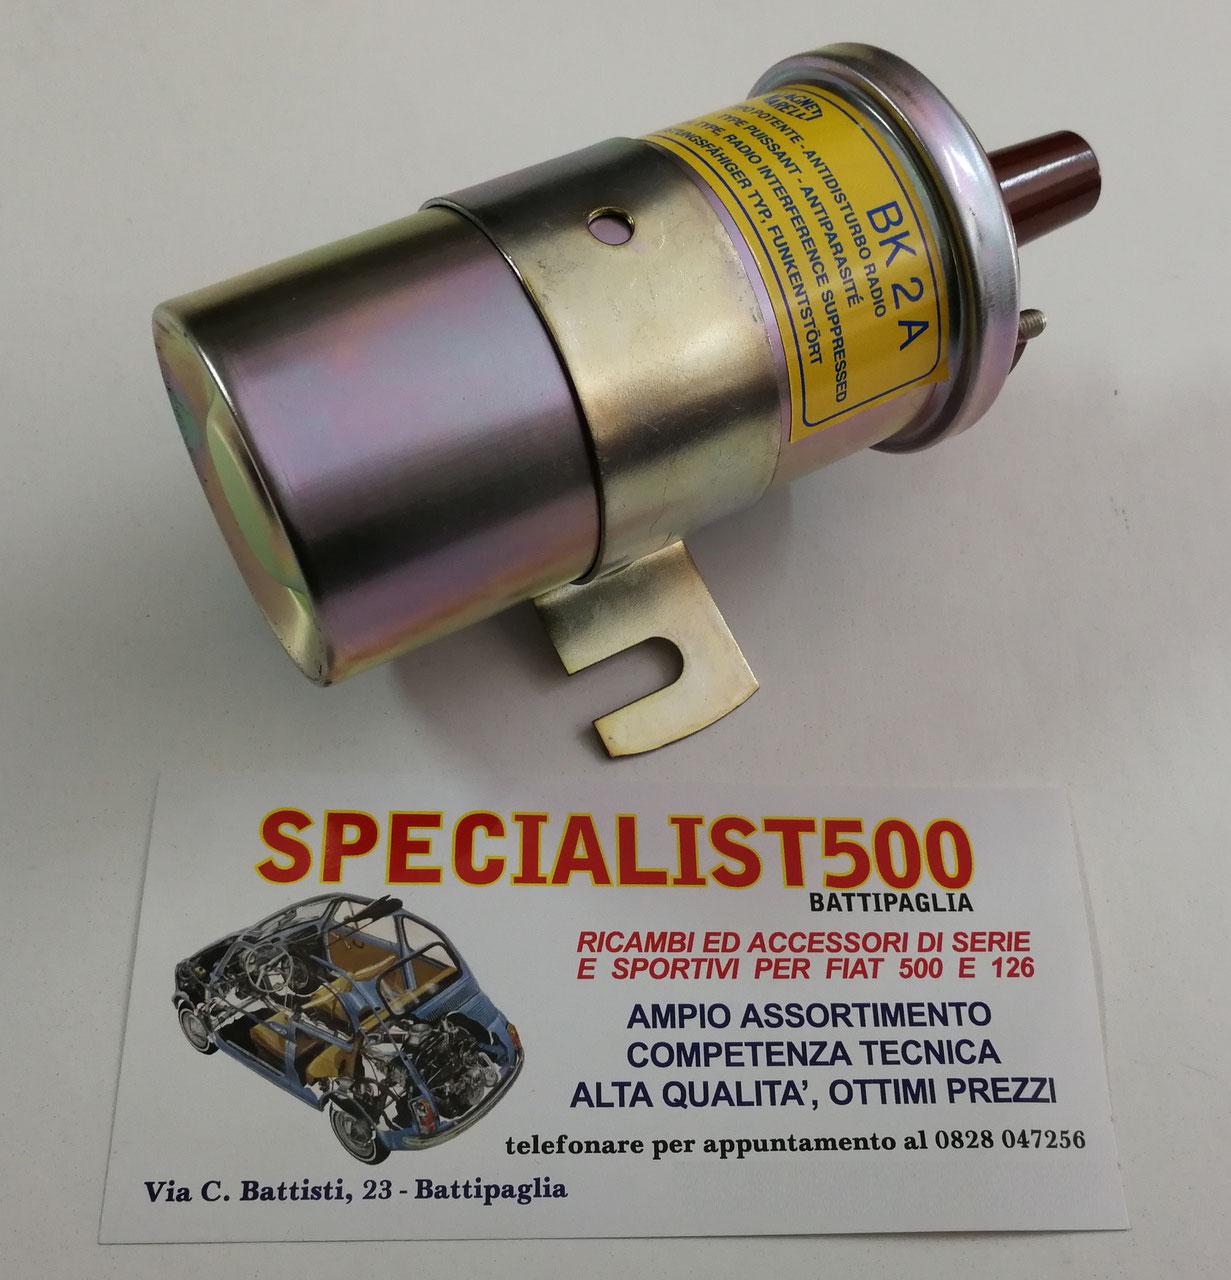 Schema Elettrico Per Accensione Elettronica Fiat 126 : Componenti accensione motore 500specialist fiat 500 specialist500